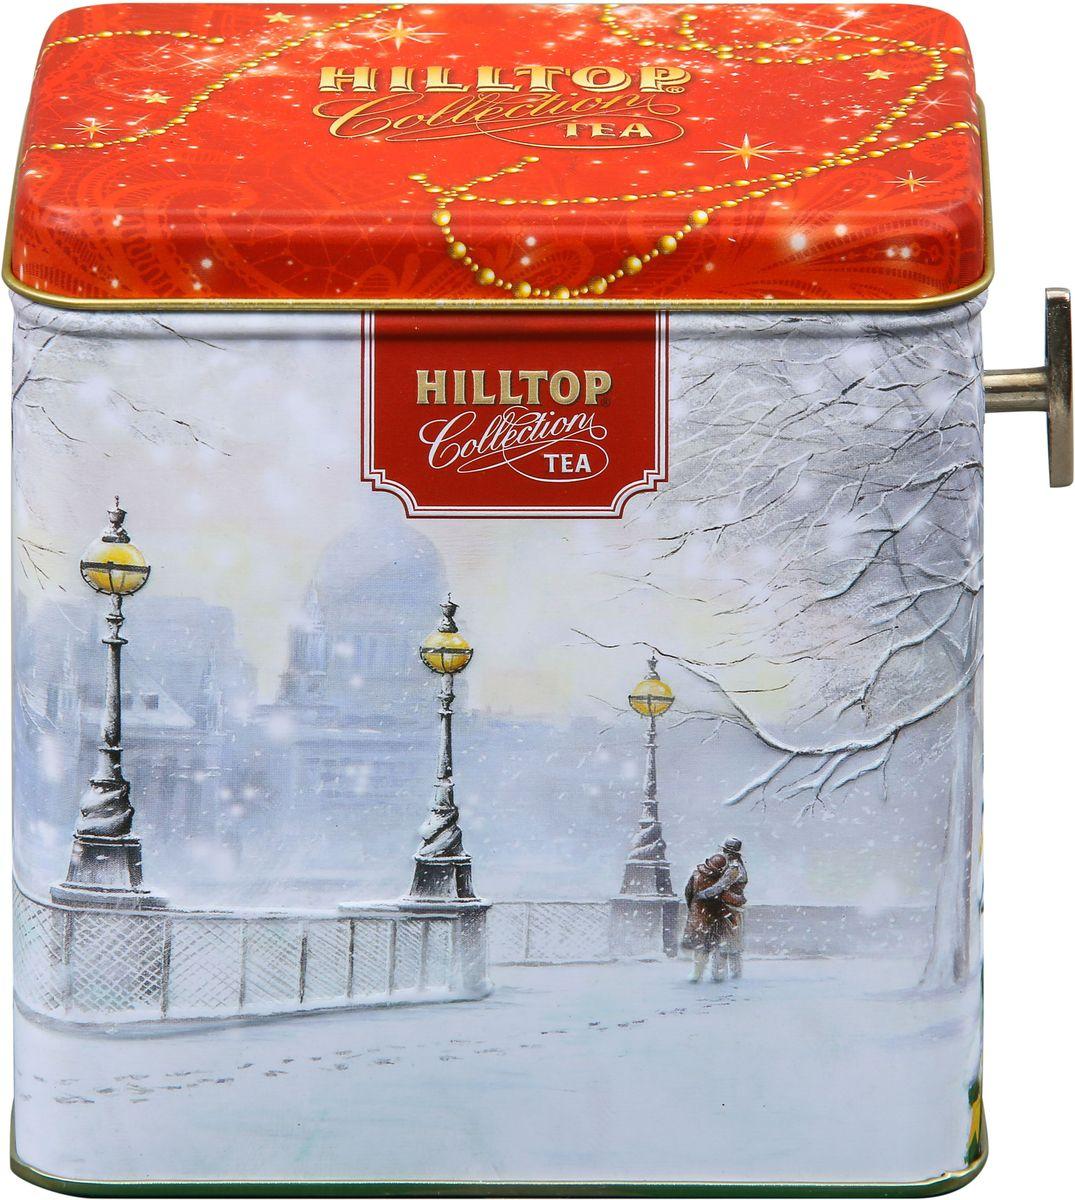 Hilltop Шкатулка Заснеженный город Эрл Грей ароматизированный листовой чай, 100 г4607099307513Hilltop Эрл Грей - крупнолистовой чай с цедрой лимона и ароматом бергамота - в лучших традициях Англии.